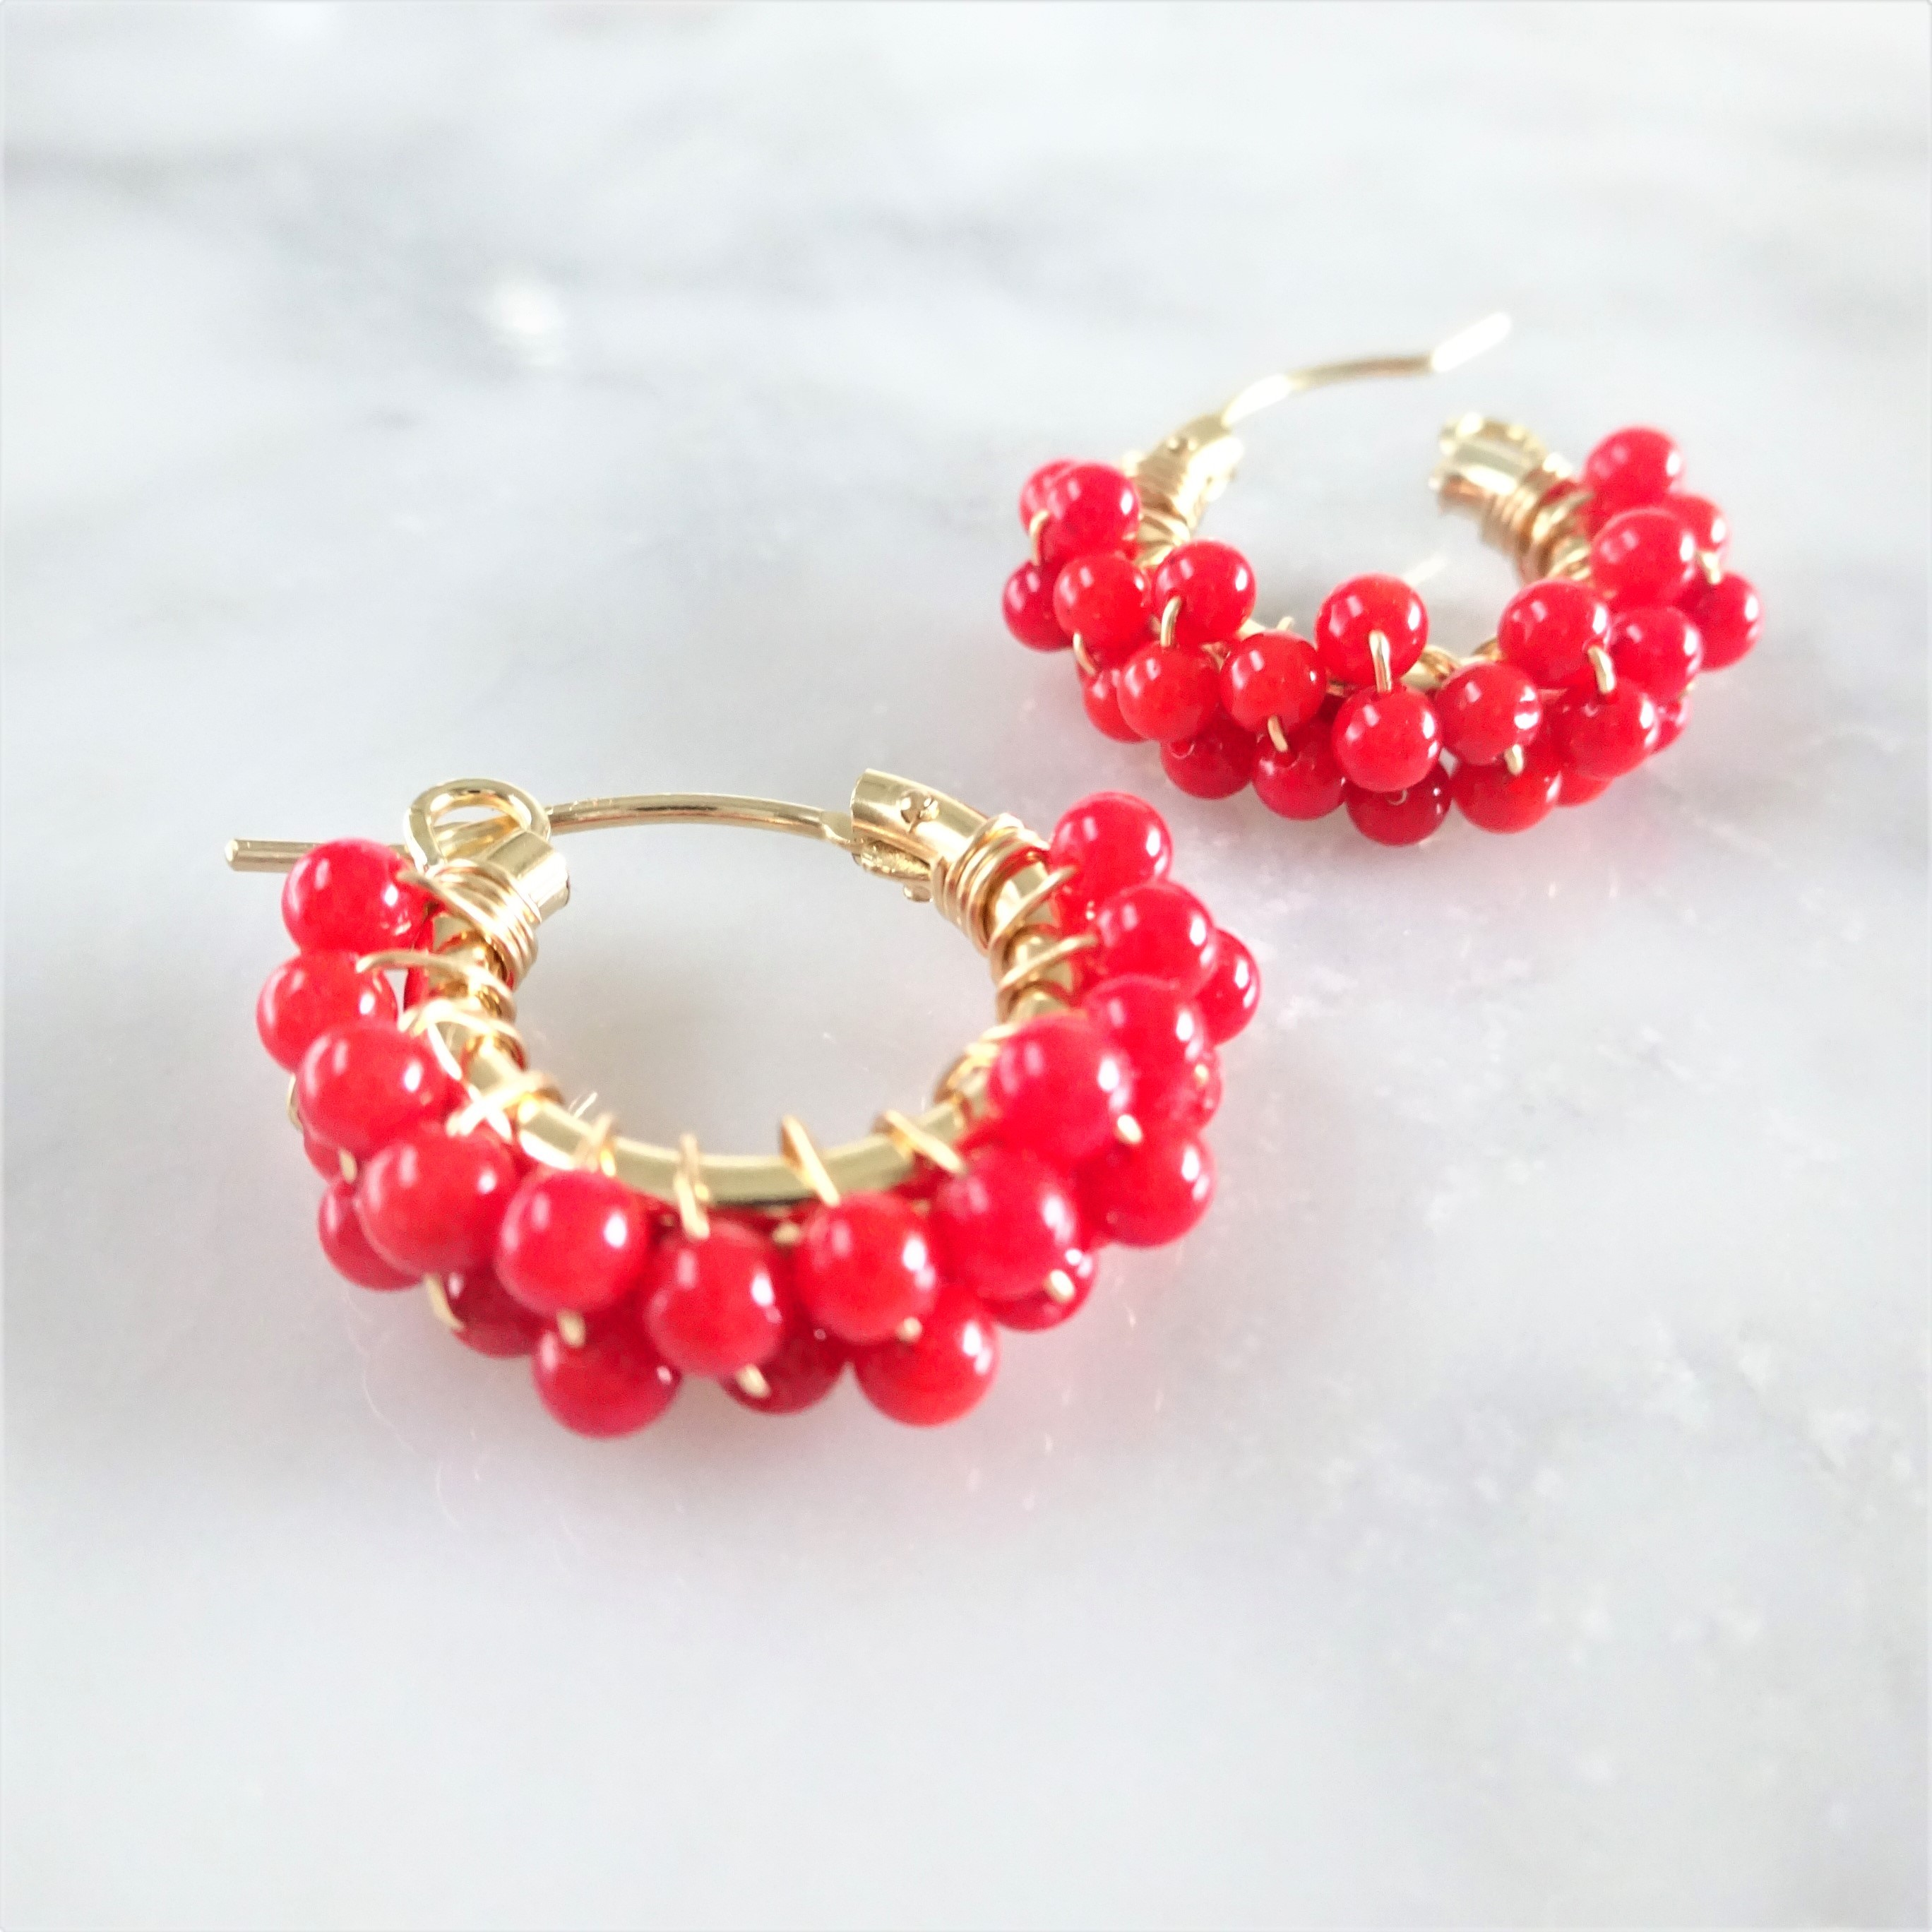 送料無料 14kgf Red Coral♡wrapped pierced earring/earring